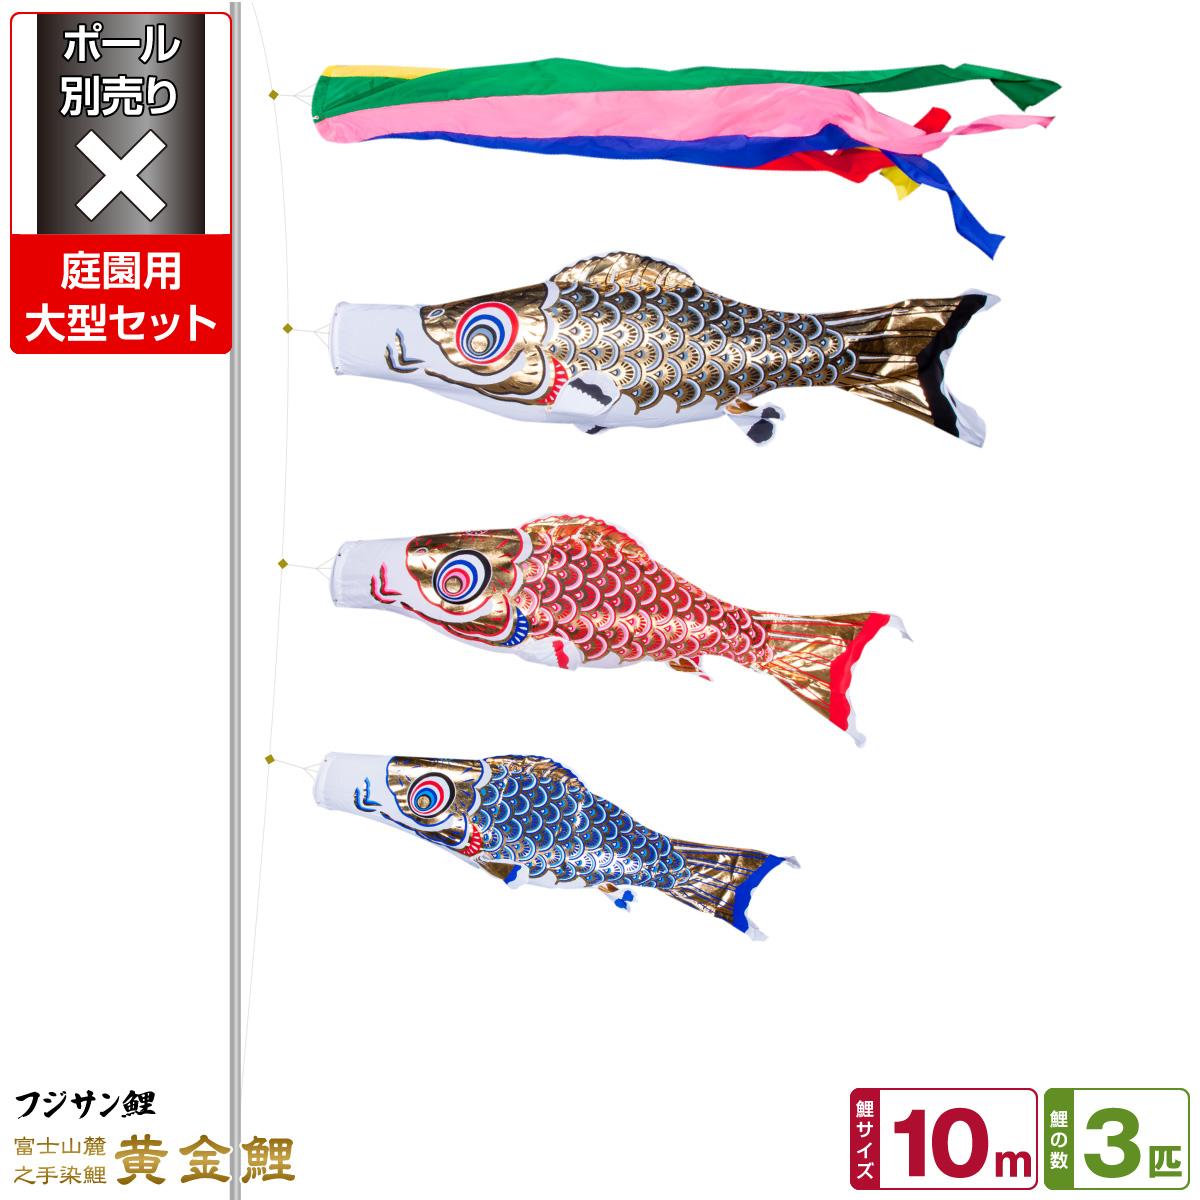 庭園用 こいのぼり 鯉のぼり フジサン鯉 黄金鯉 10m 6点(吹流し+鯉3匹+矢車+ロープ)/庭園大型セット【ポール 別売】